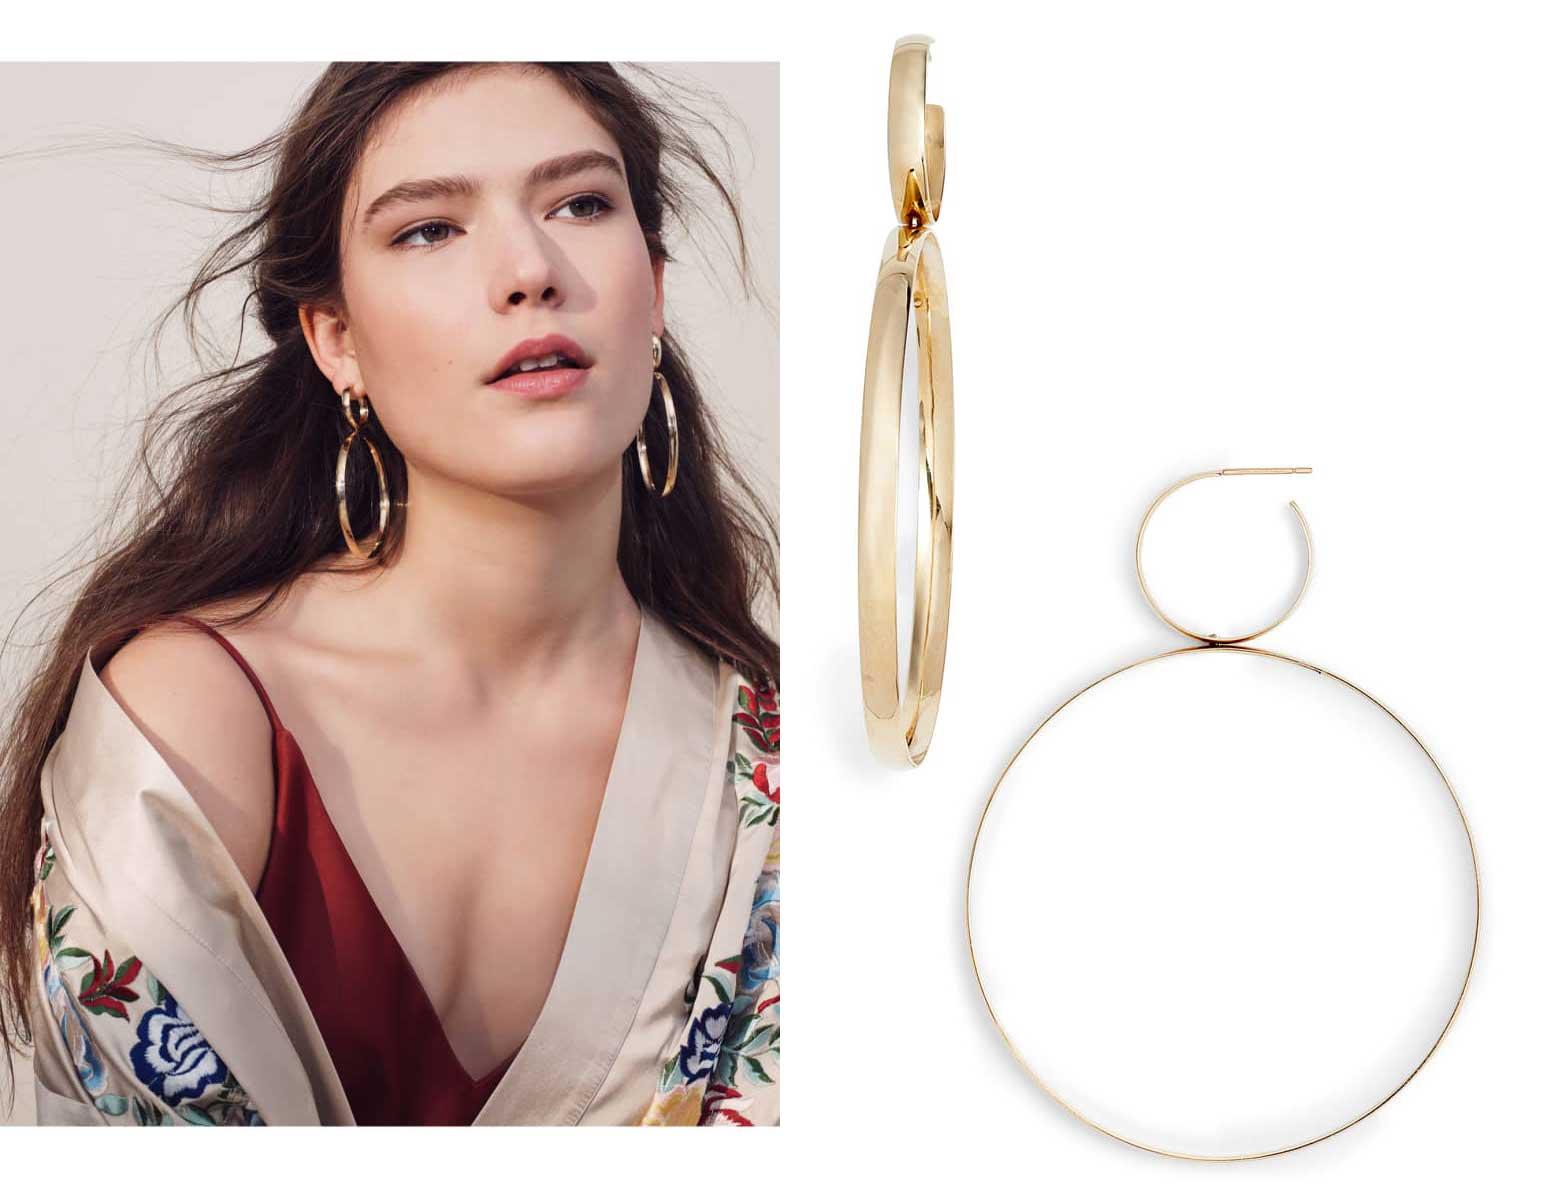 Double Bubble Drop Hoop Earrings by Lana Jewelry, Runway Jewelry Trends 2019